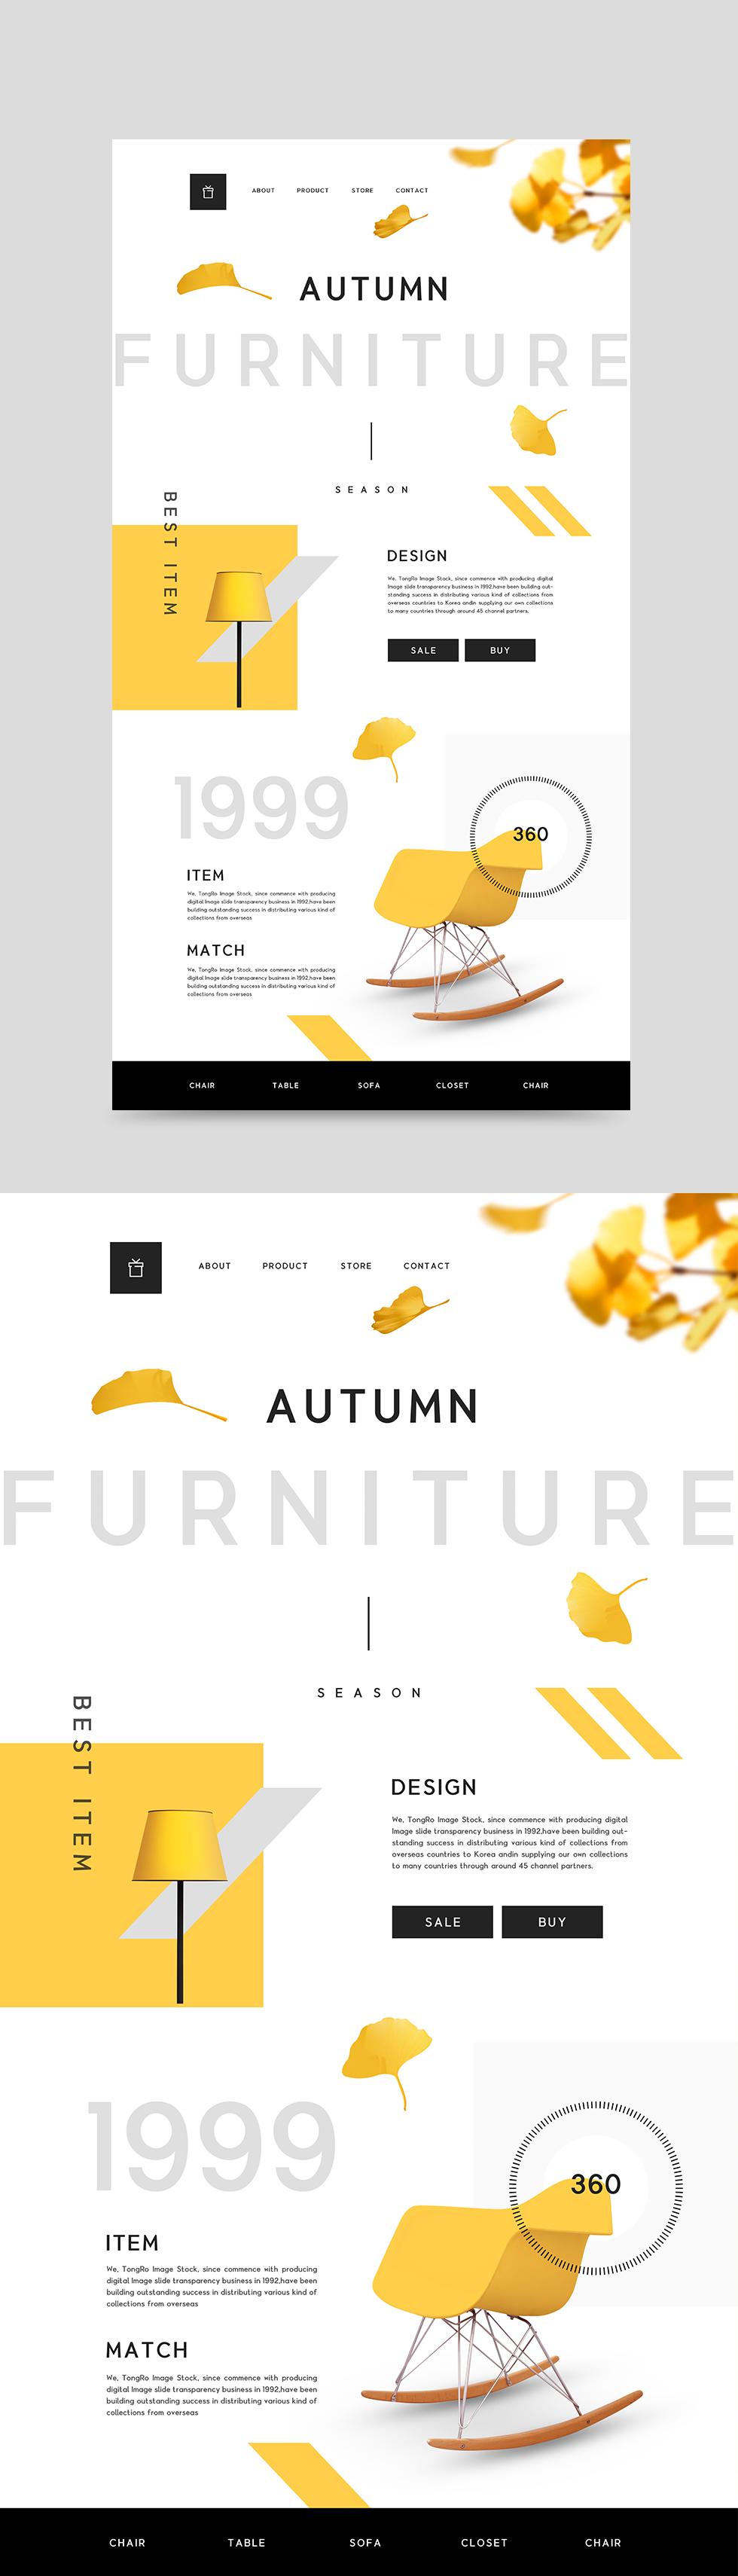 白色简约欧美风格响应式web网页设计模板psd分层